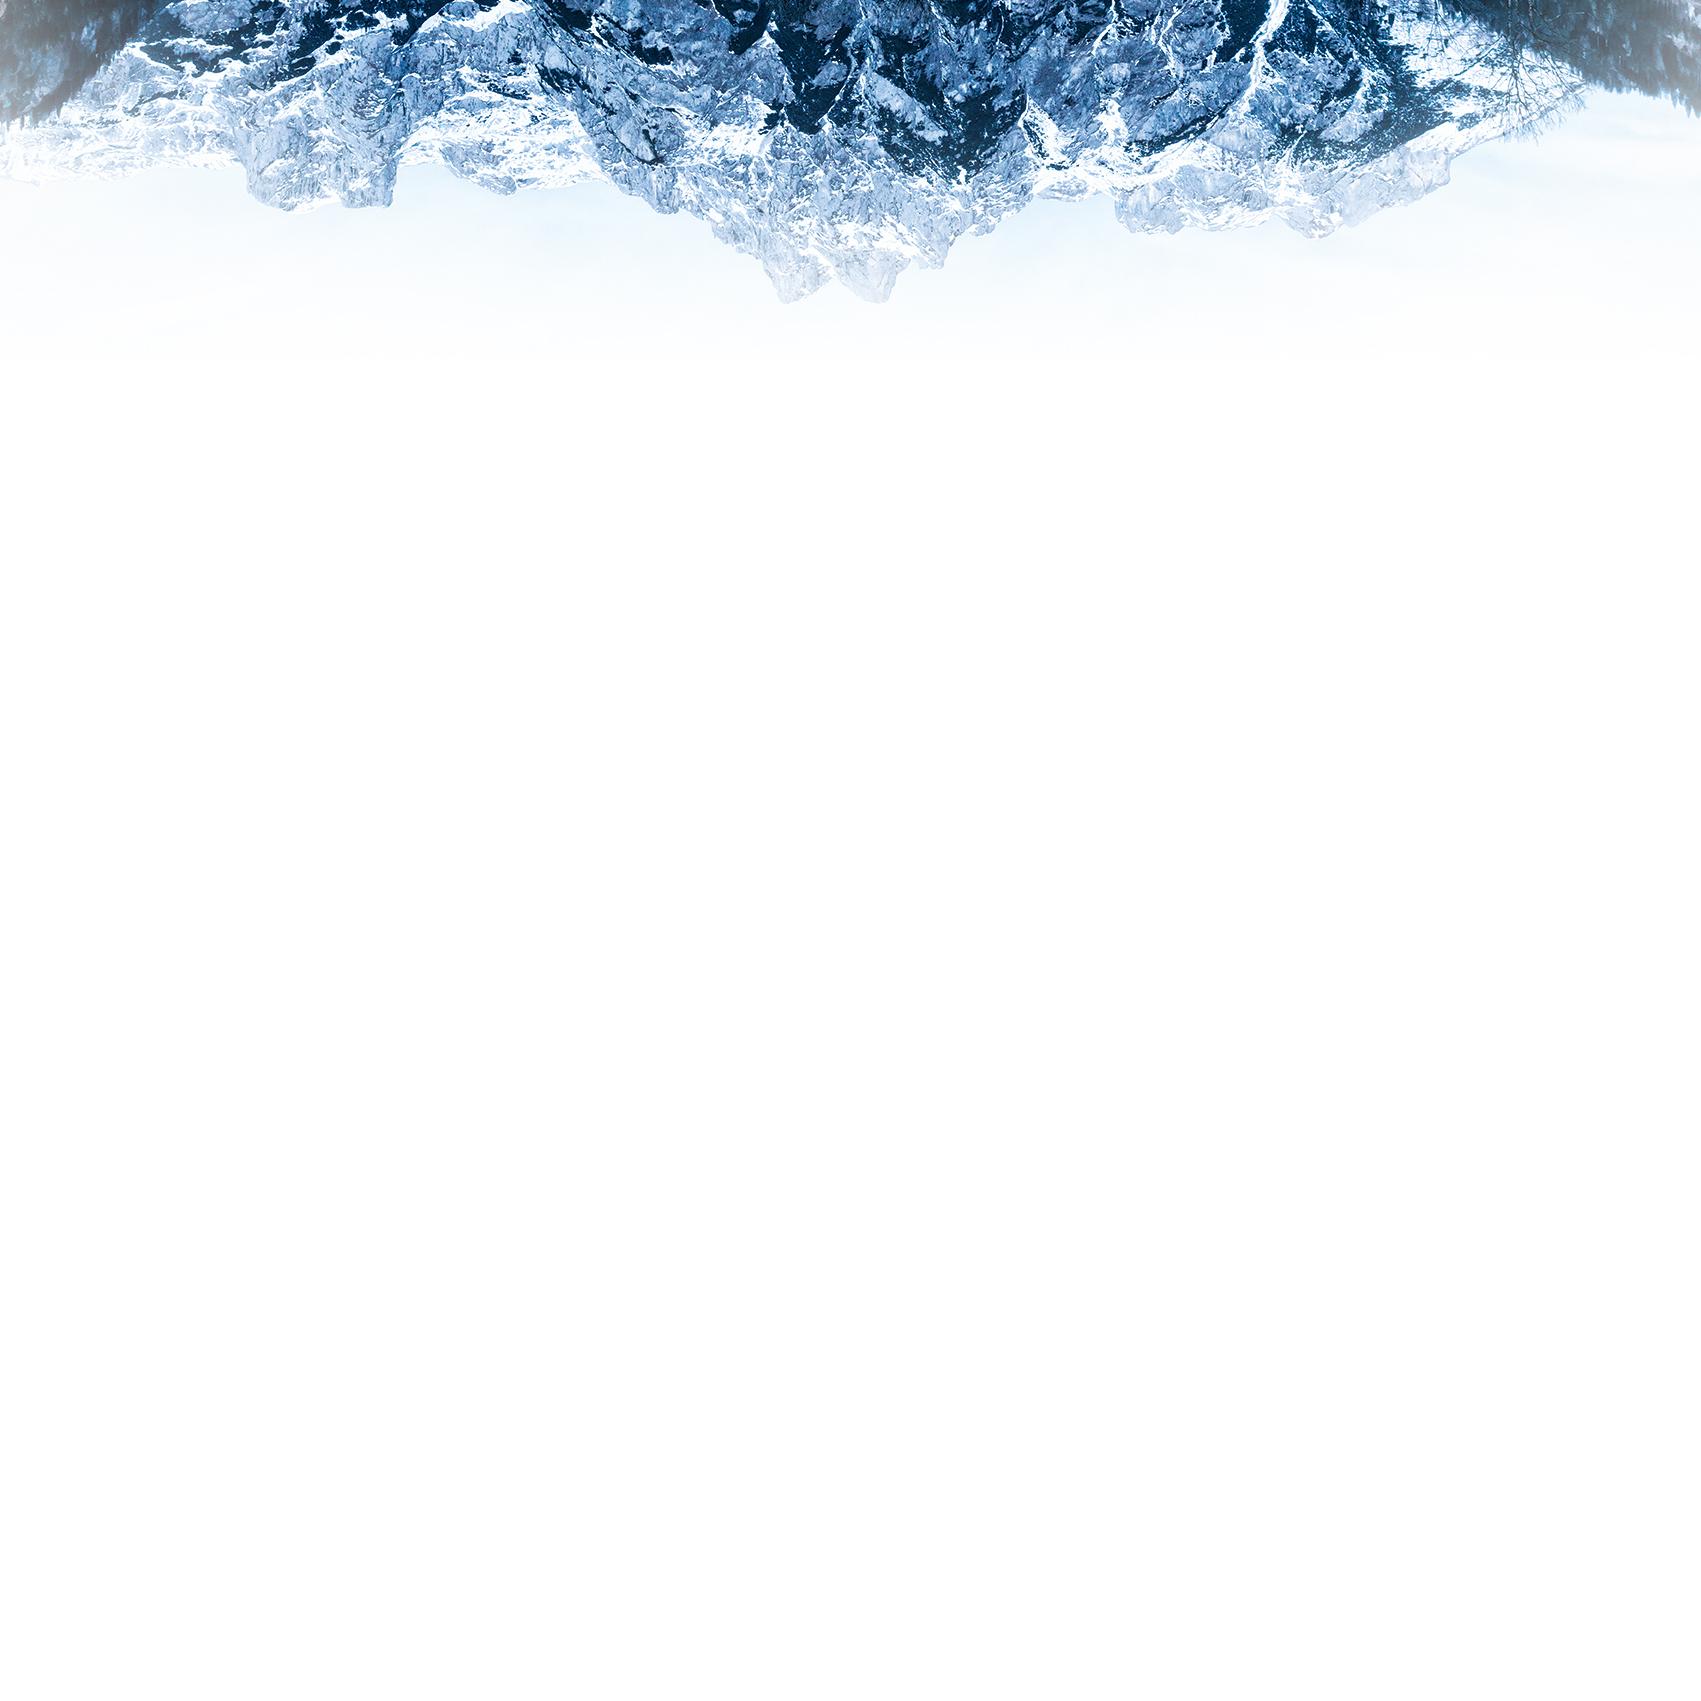 winterklang_11